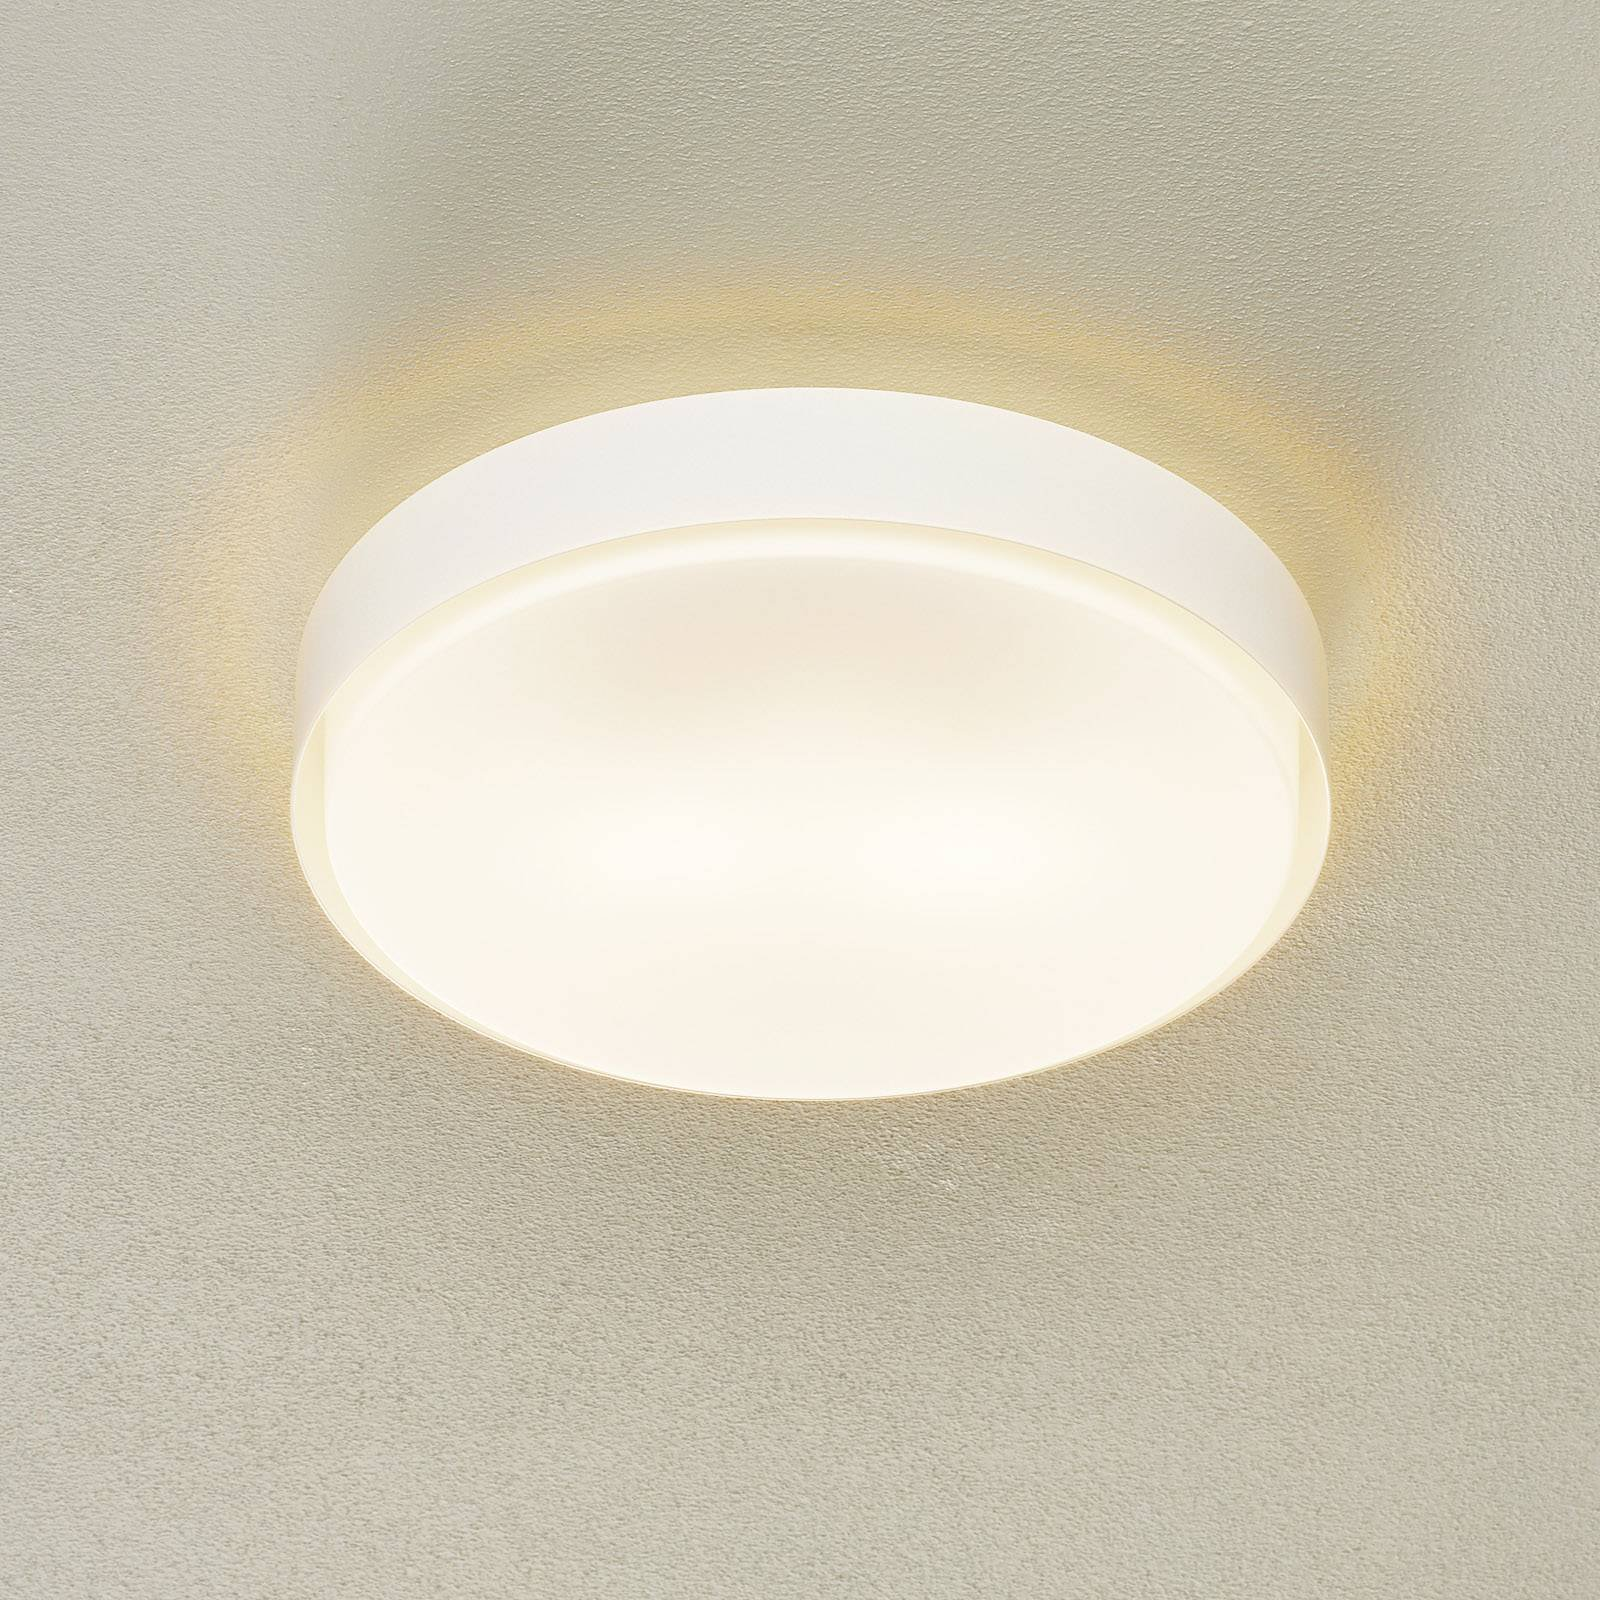 BEGA 89758 LED-taklampe E27 3 000 K hvit Ø 36 cm